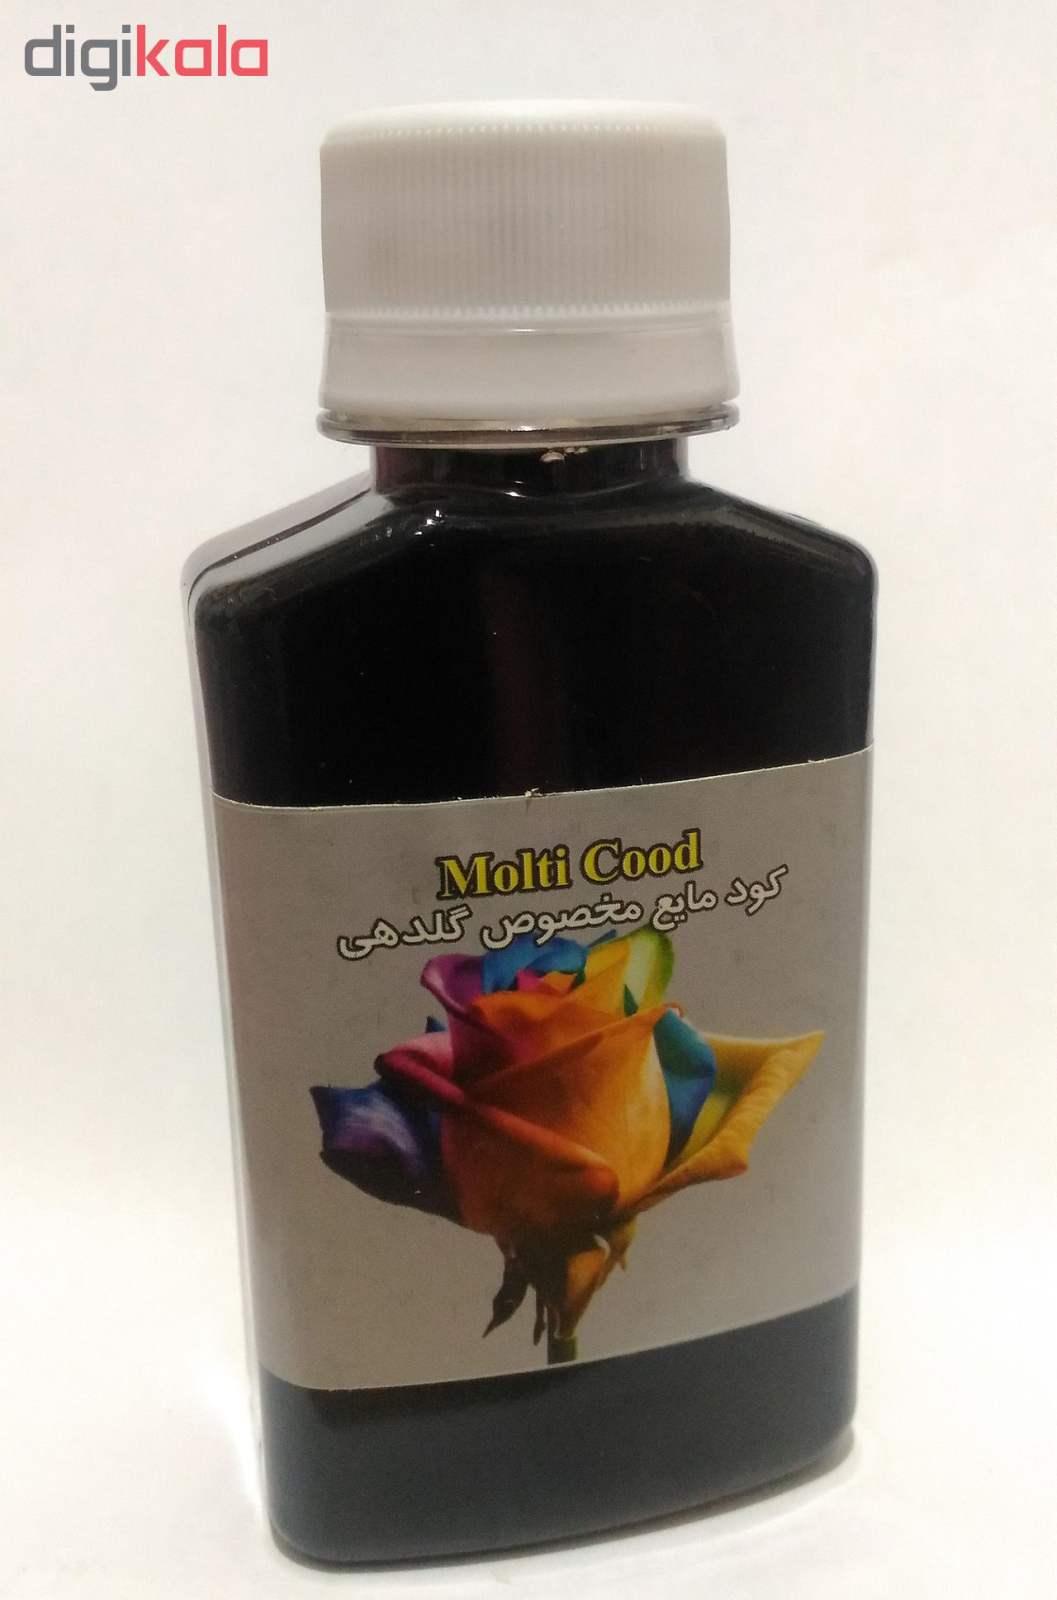 کود مایع مخصوص گلدهی کد ck032 main 1 1